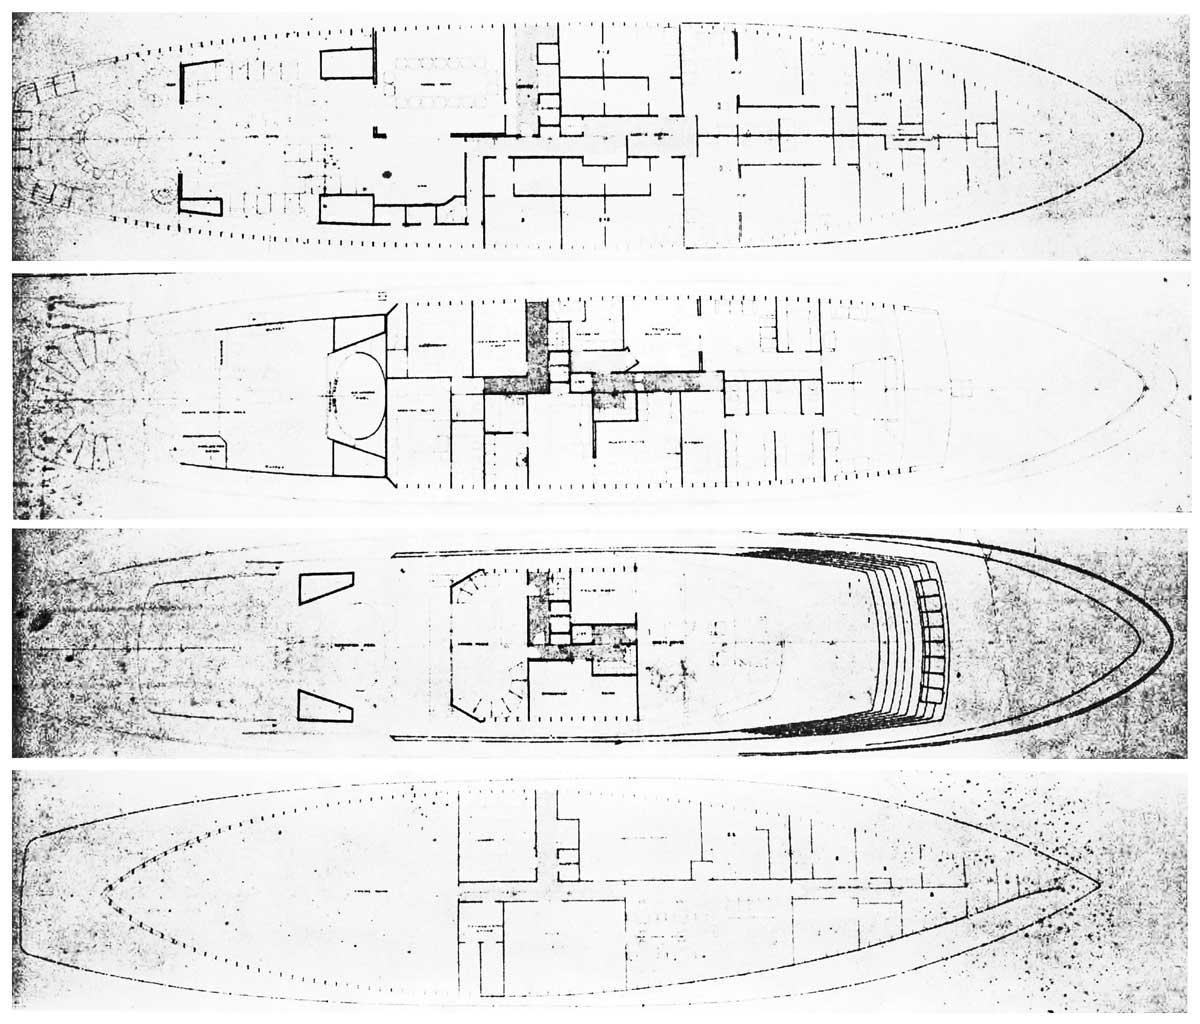 8 - Progetto di massima di un motoryacht da 80m, progetto esecutivo Banemberg Ltd - London; realizzato da Cantieri Benetti - Viareggio - Piante